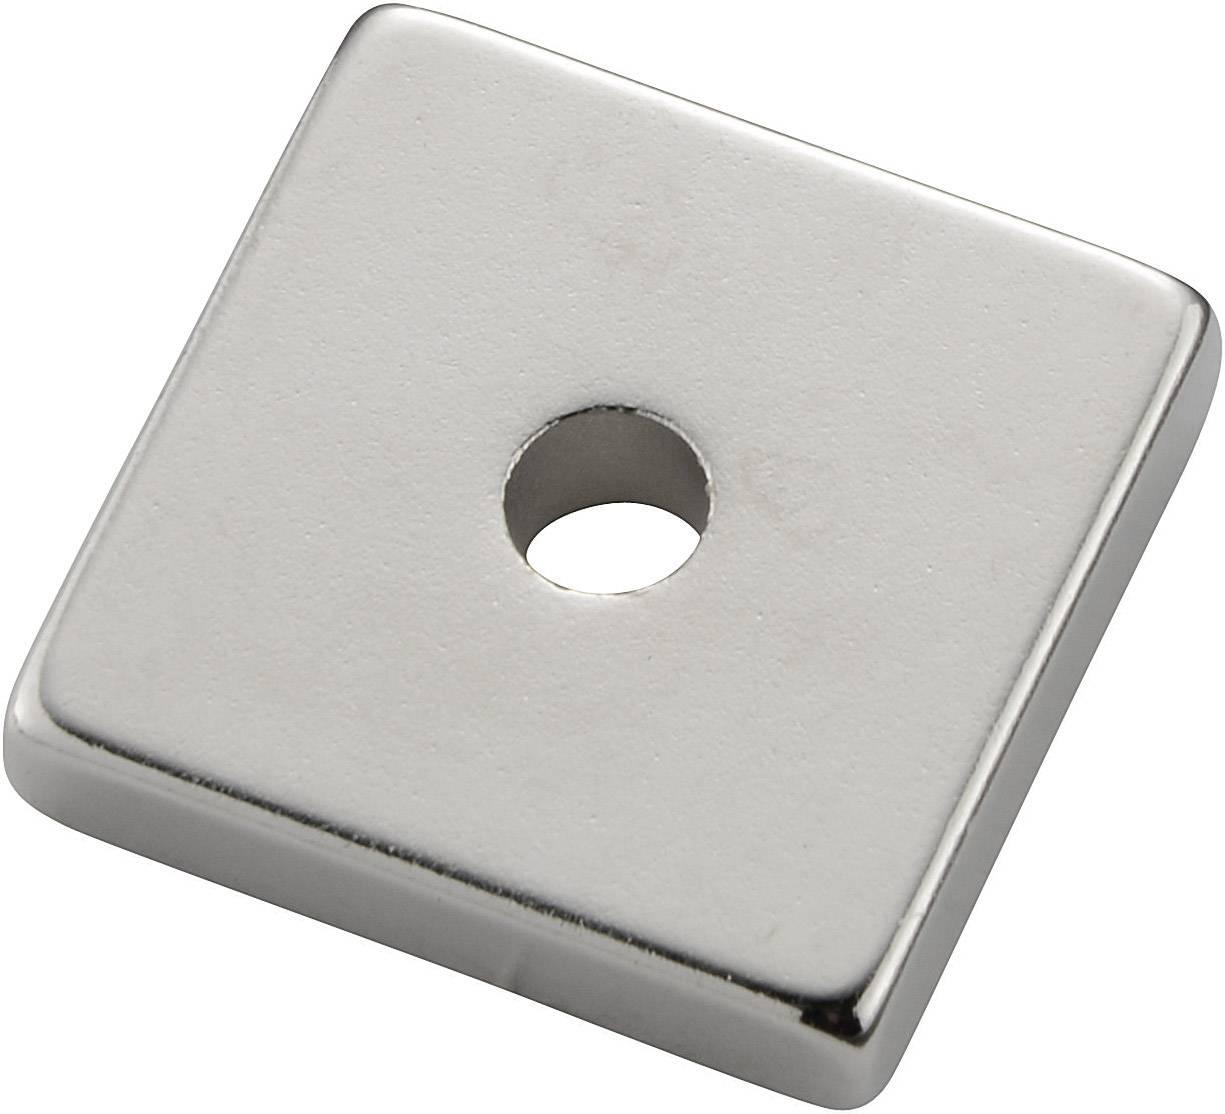 Permanentný magnet pravouhlý (d x š x v) 20 x 19 x 4 mm, N35M